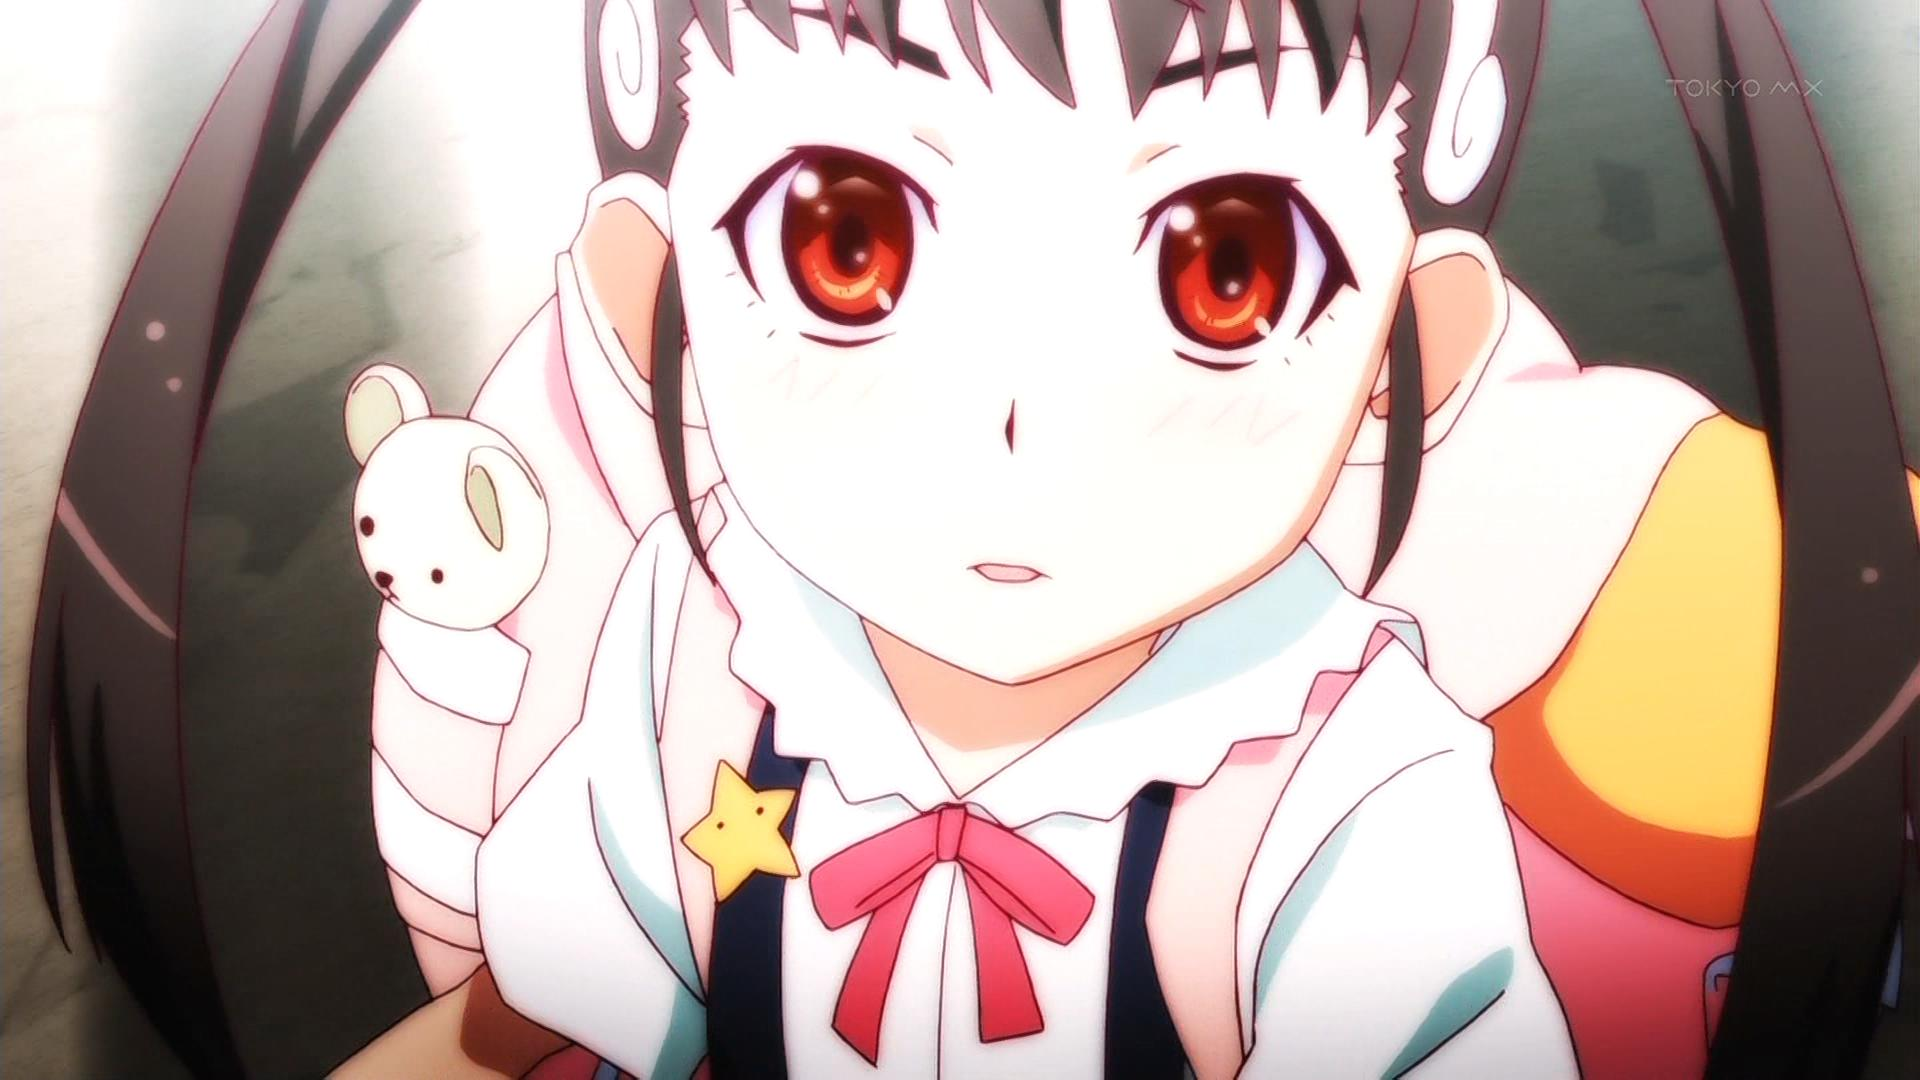 『傾物語』アニメ誌で21歳になった八九寺のアニメ版権絵きたあああああ!